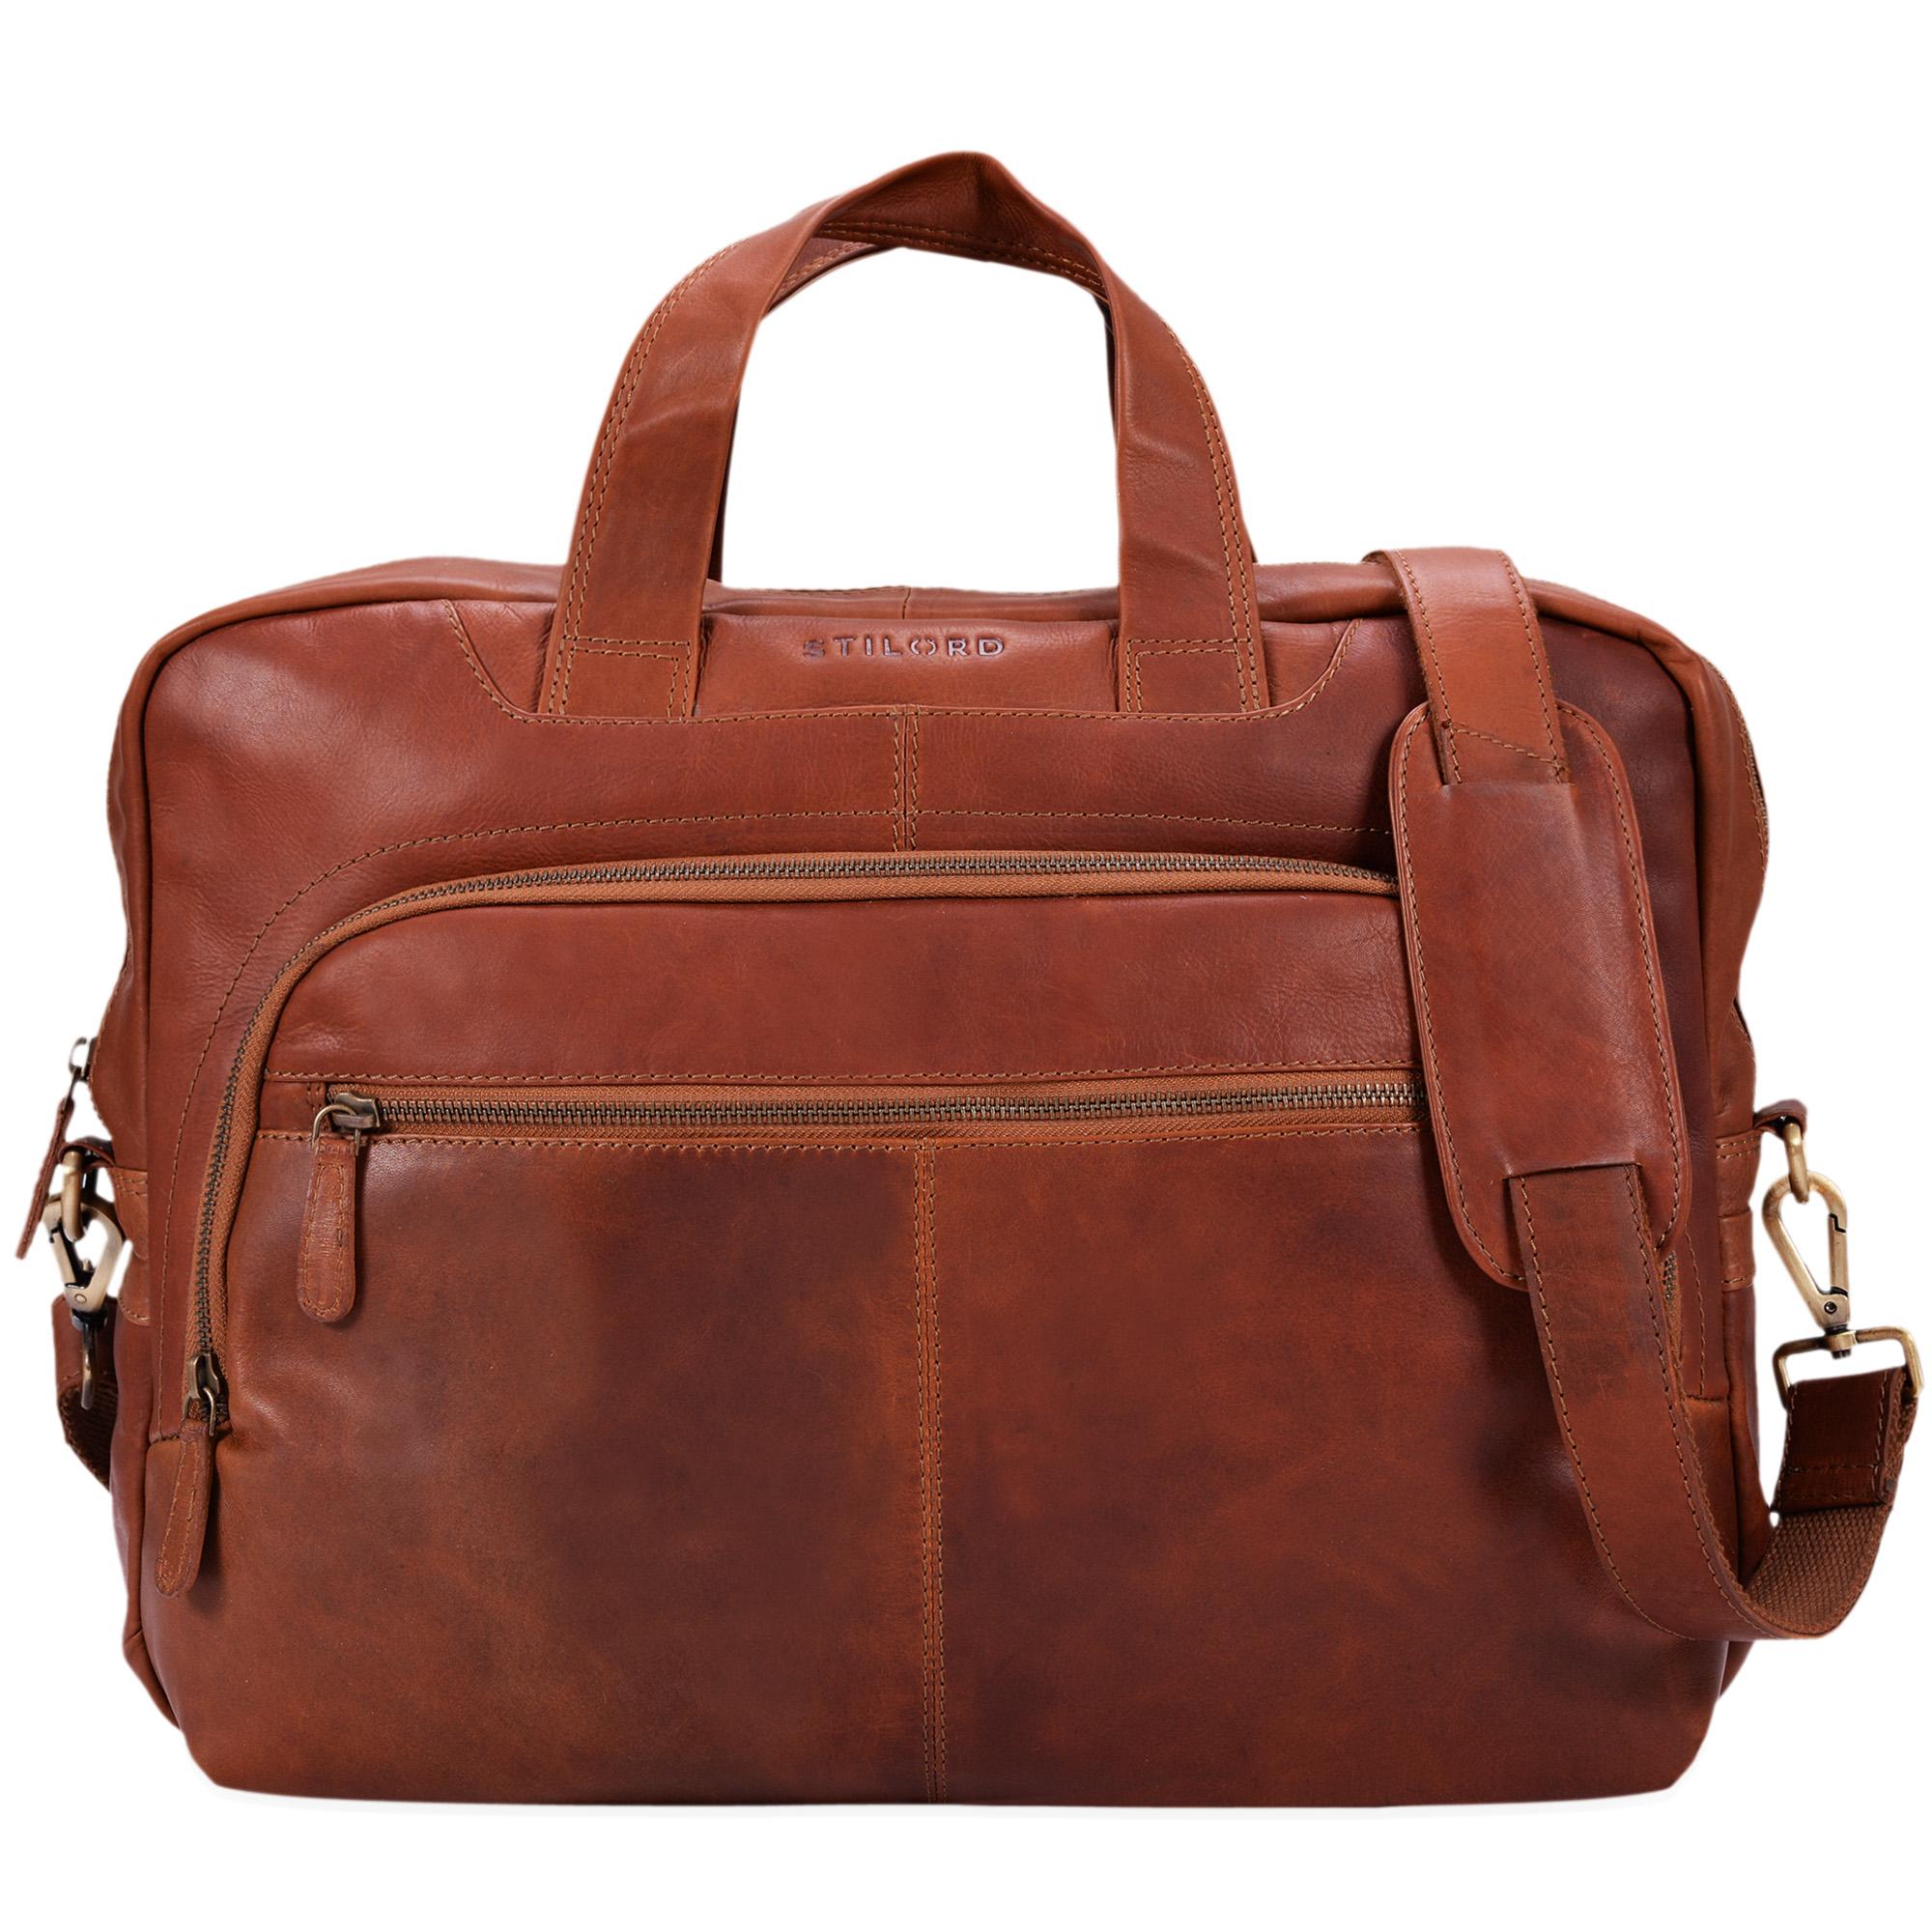 """STILORD """"Alan"""" Leder Umhängetasche groß Herren Damen Vintage 15,6 Zoll Laptoptasche XL Arbeitstasche Lehrertasche Arbeit Büro Uni echtes Leder  - Bild 3"""